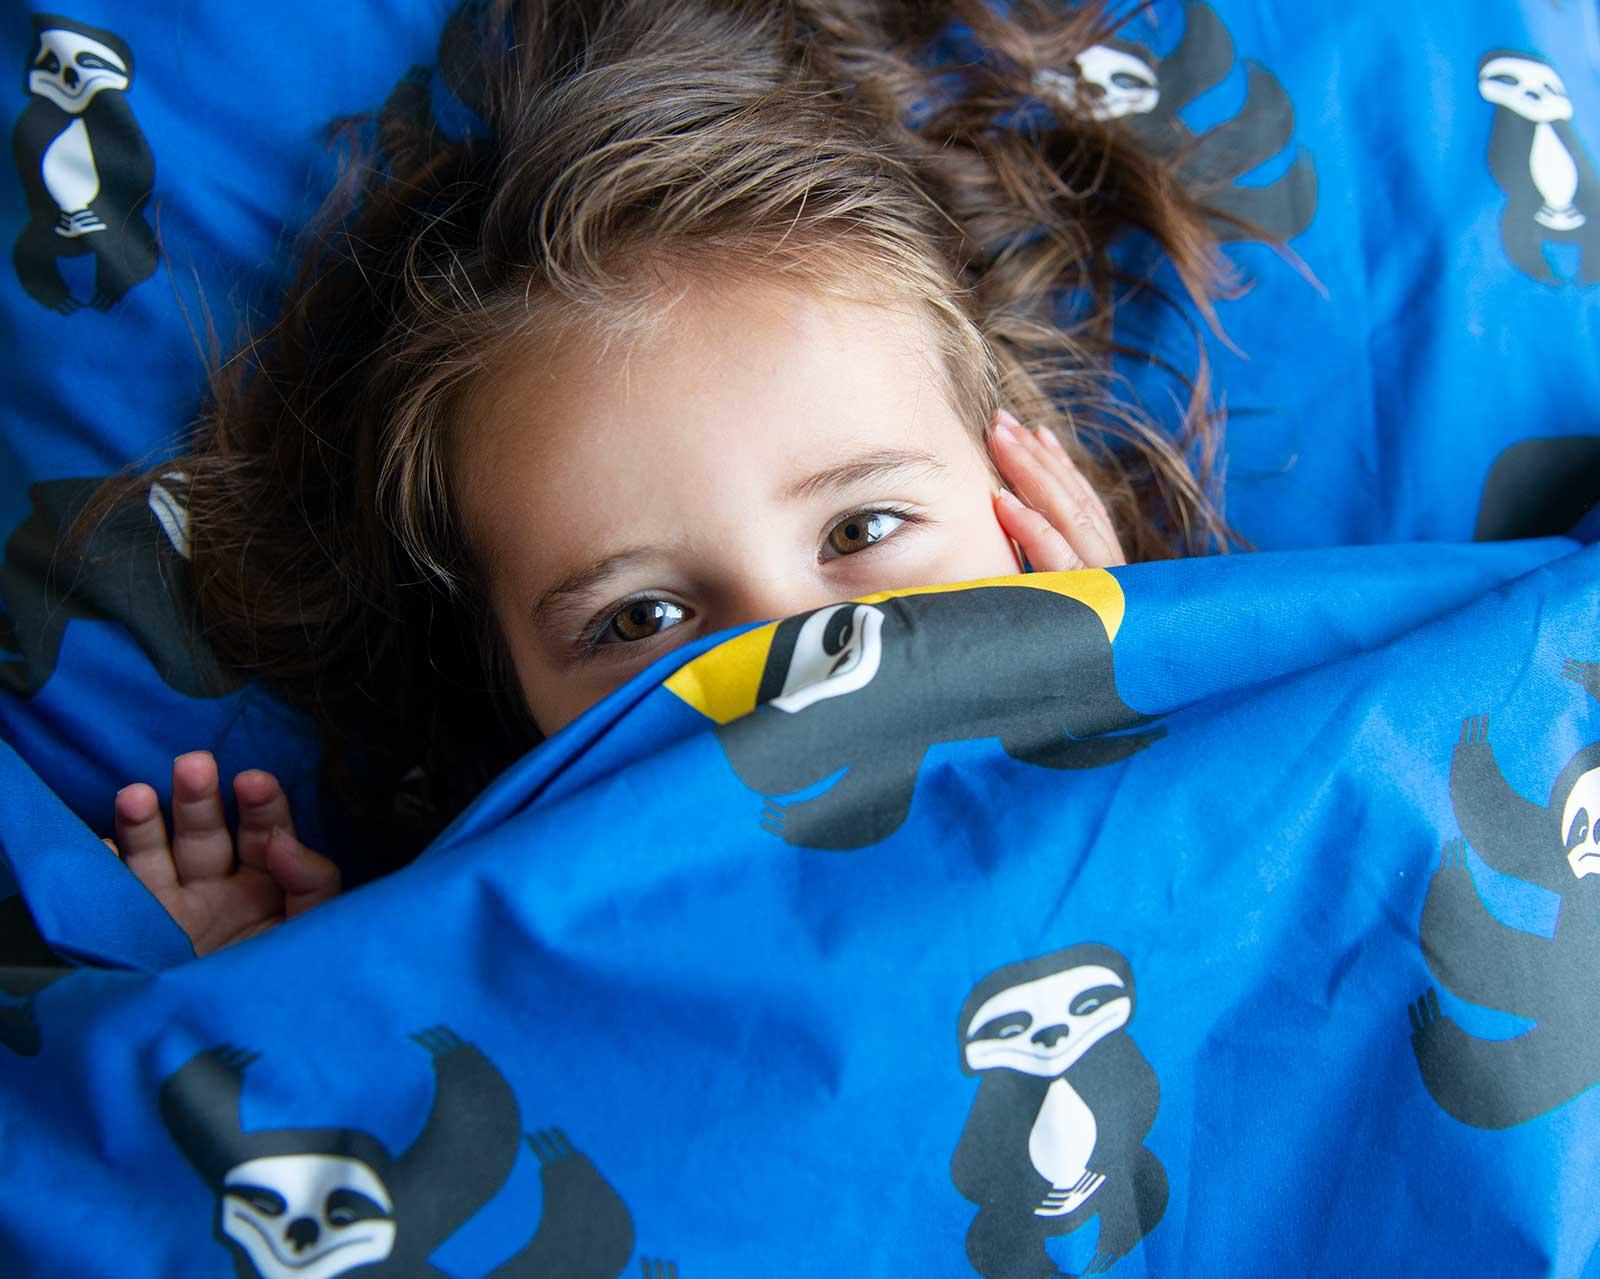 Peuter junior dekbedovertrek Nijlpaard Pie zwart wit 120 x 150 Blauw Wild Nights Luiaard print dubbelzijdig Peuter